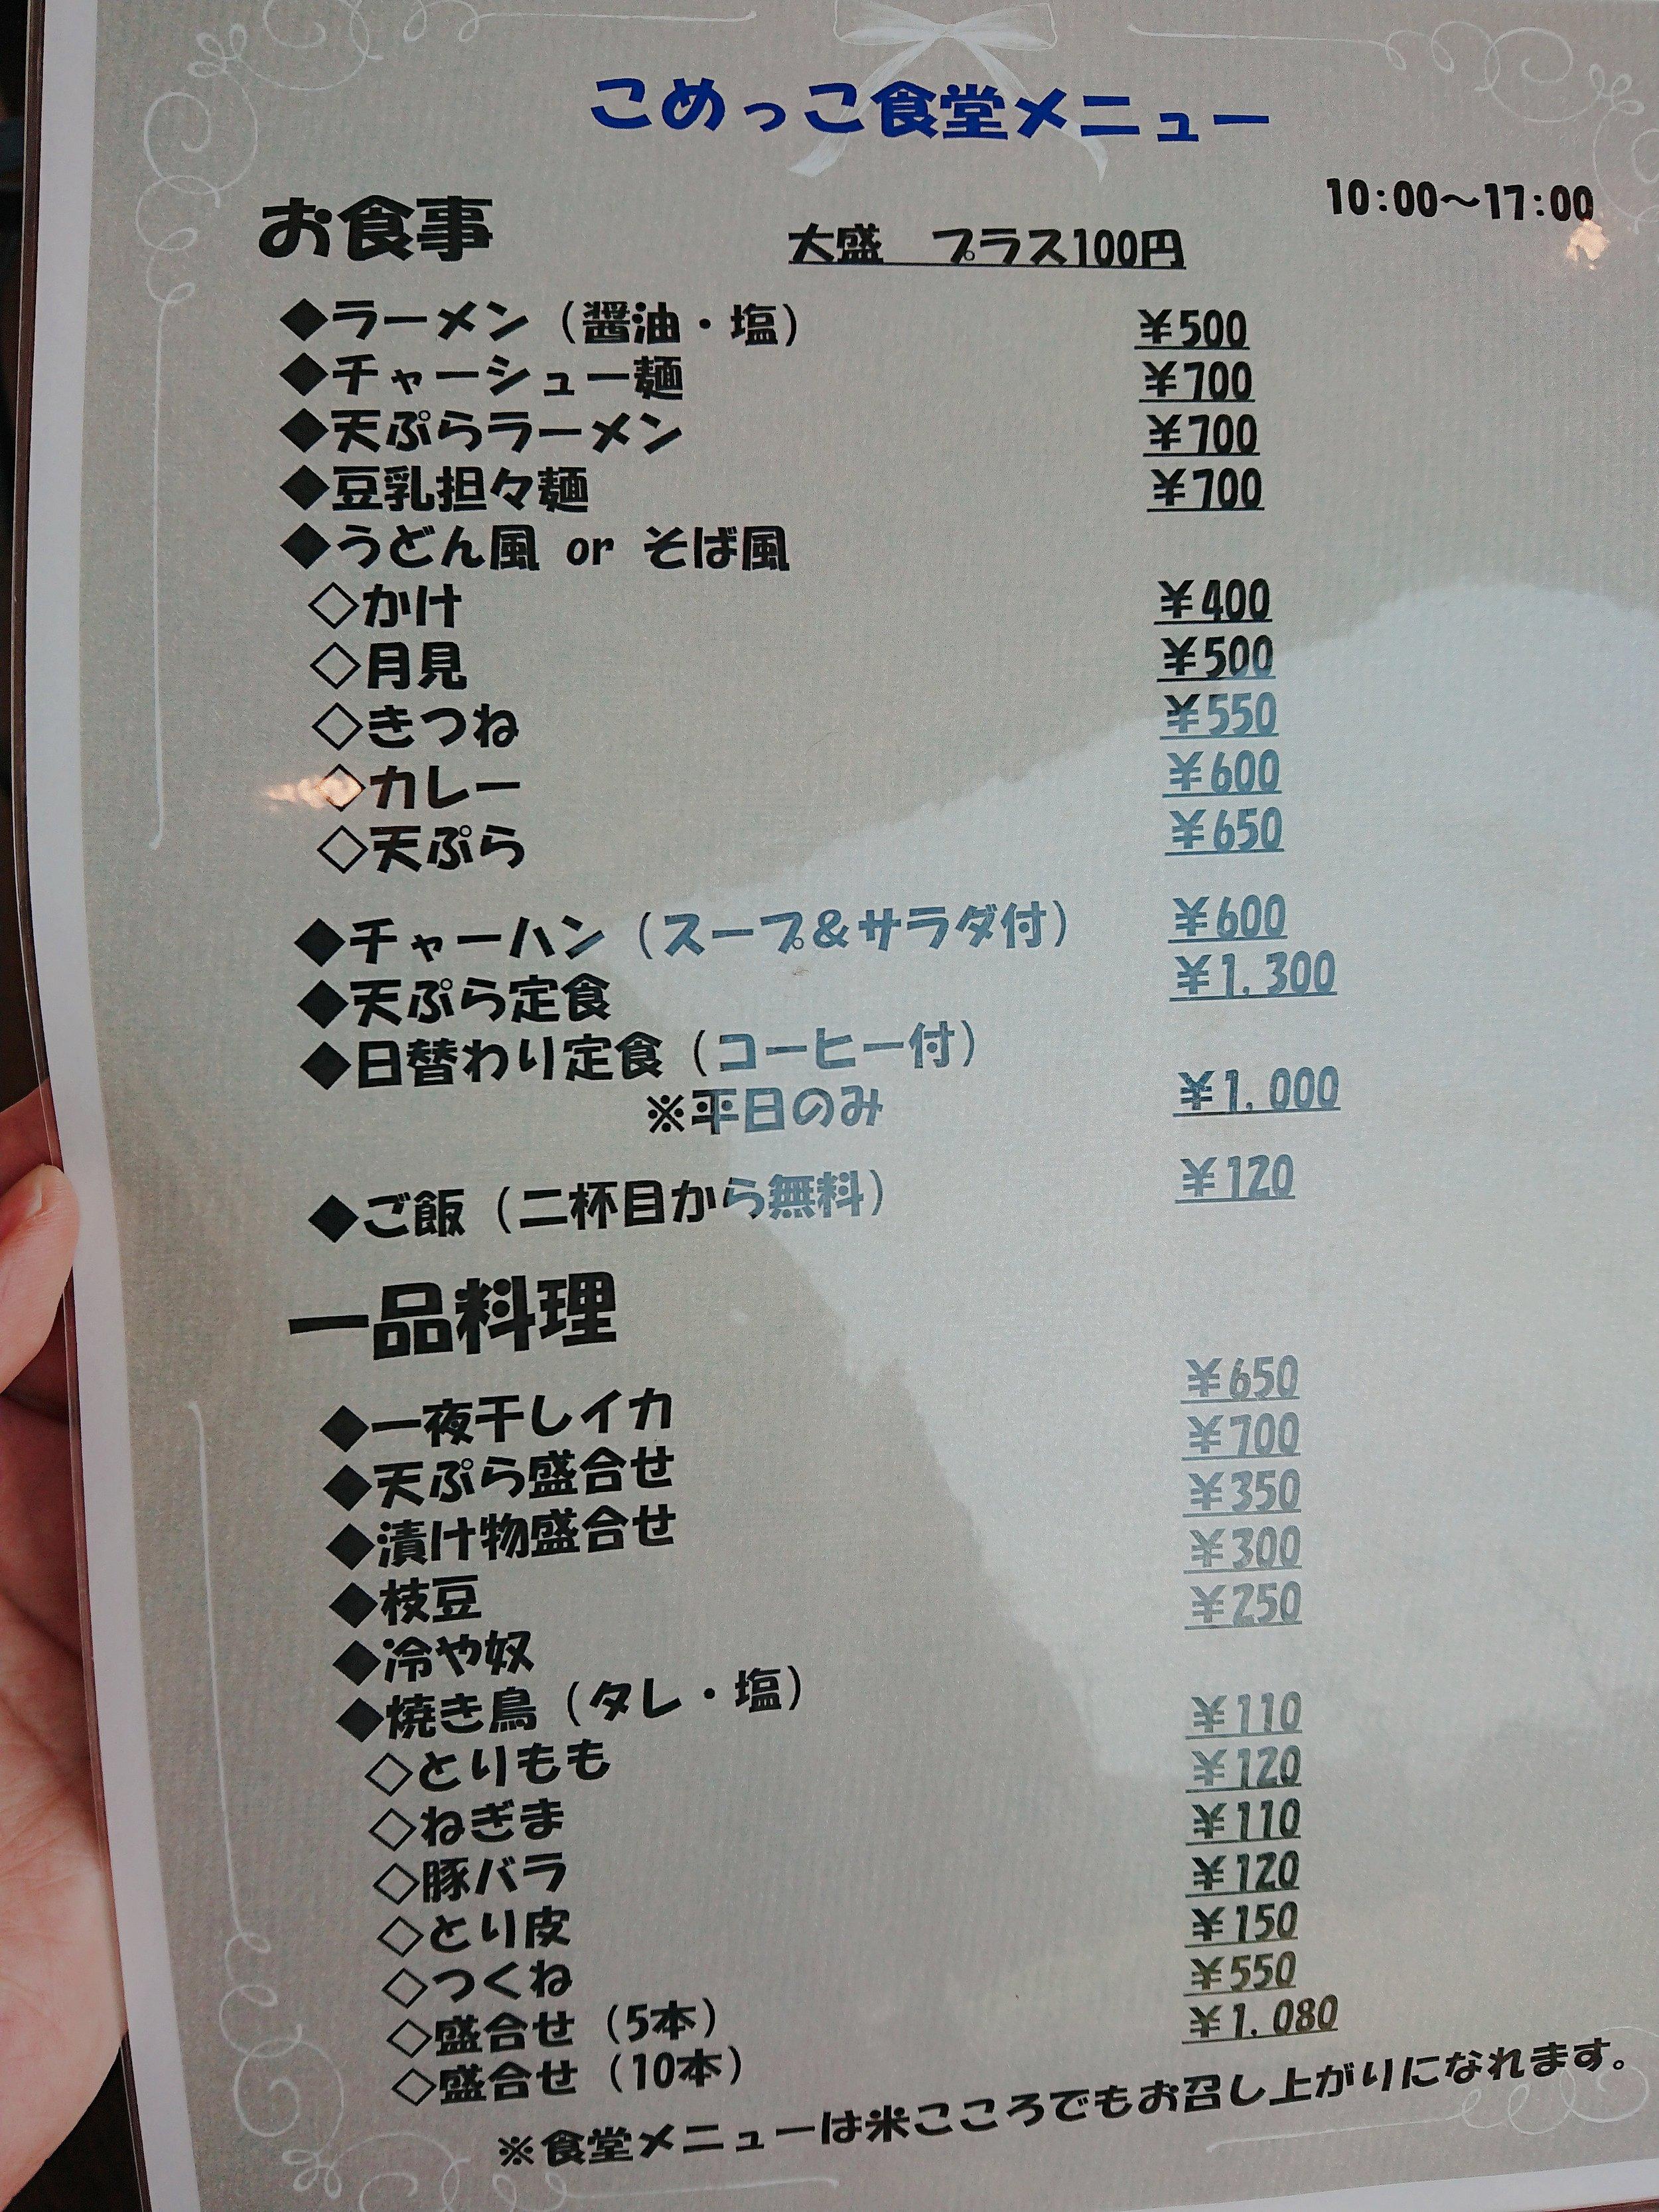 こめっこ食堂のメニュー ご飯二杯目から無料・・・!?